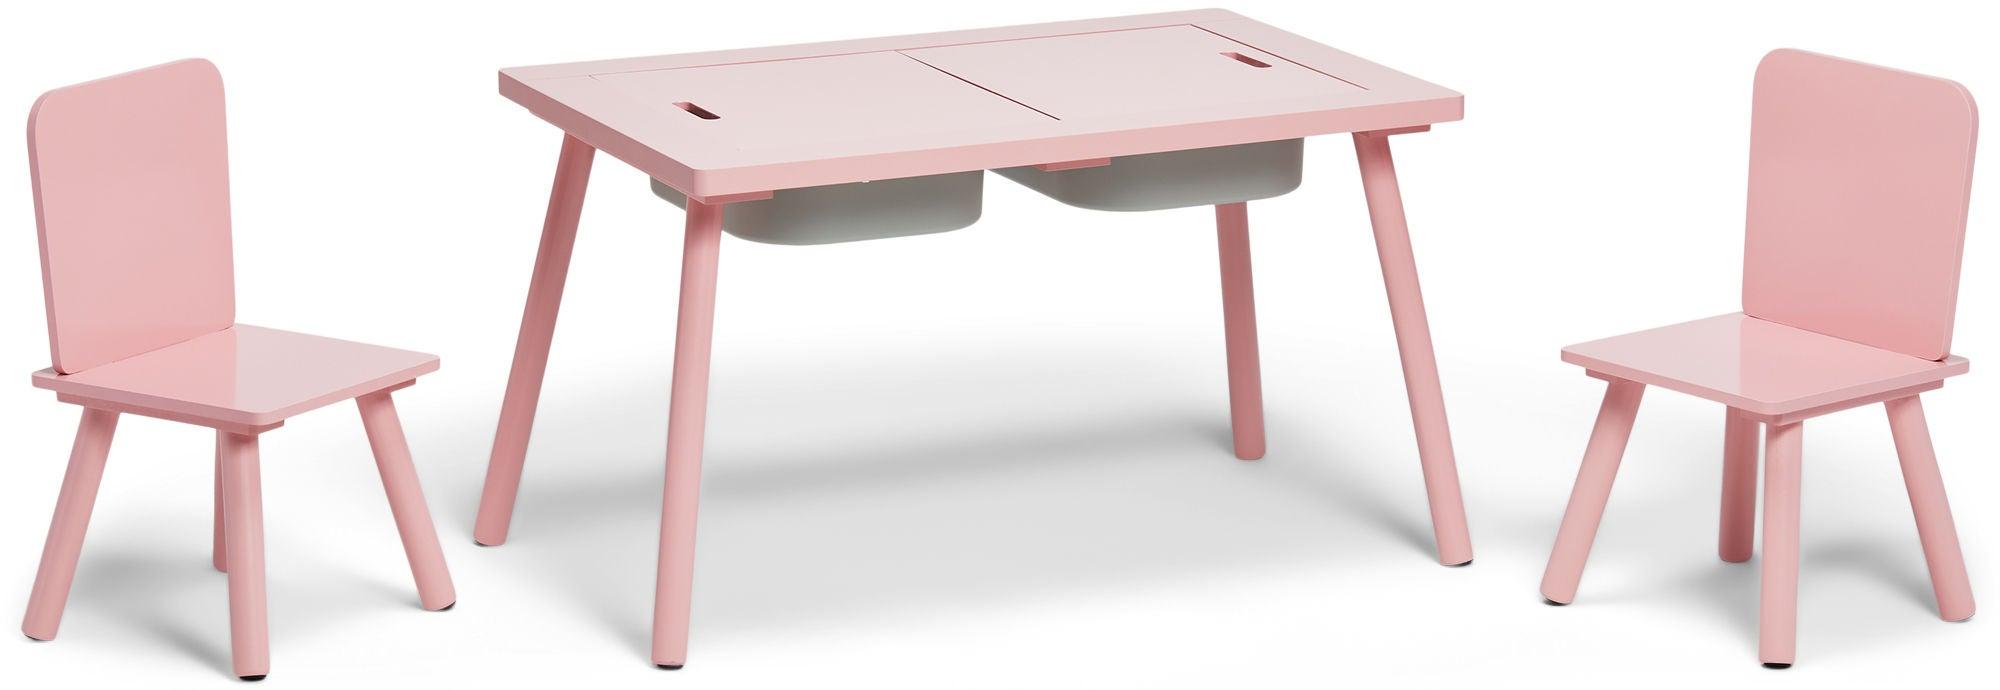 Alice & Fox Pöytä Säilytystilalla + Tuoli, Vaaleanpunainen